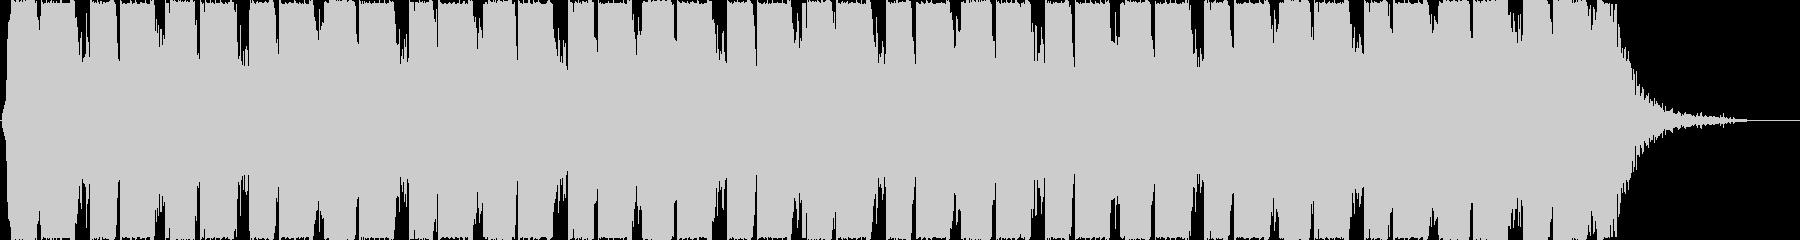 感動的なDUBSTEP 歌要素全て抜きの未再生の波形